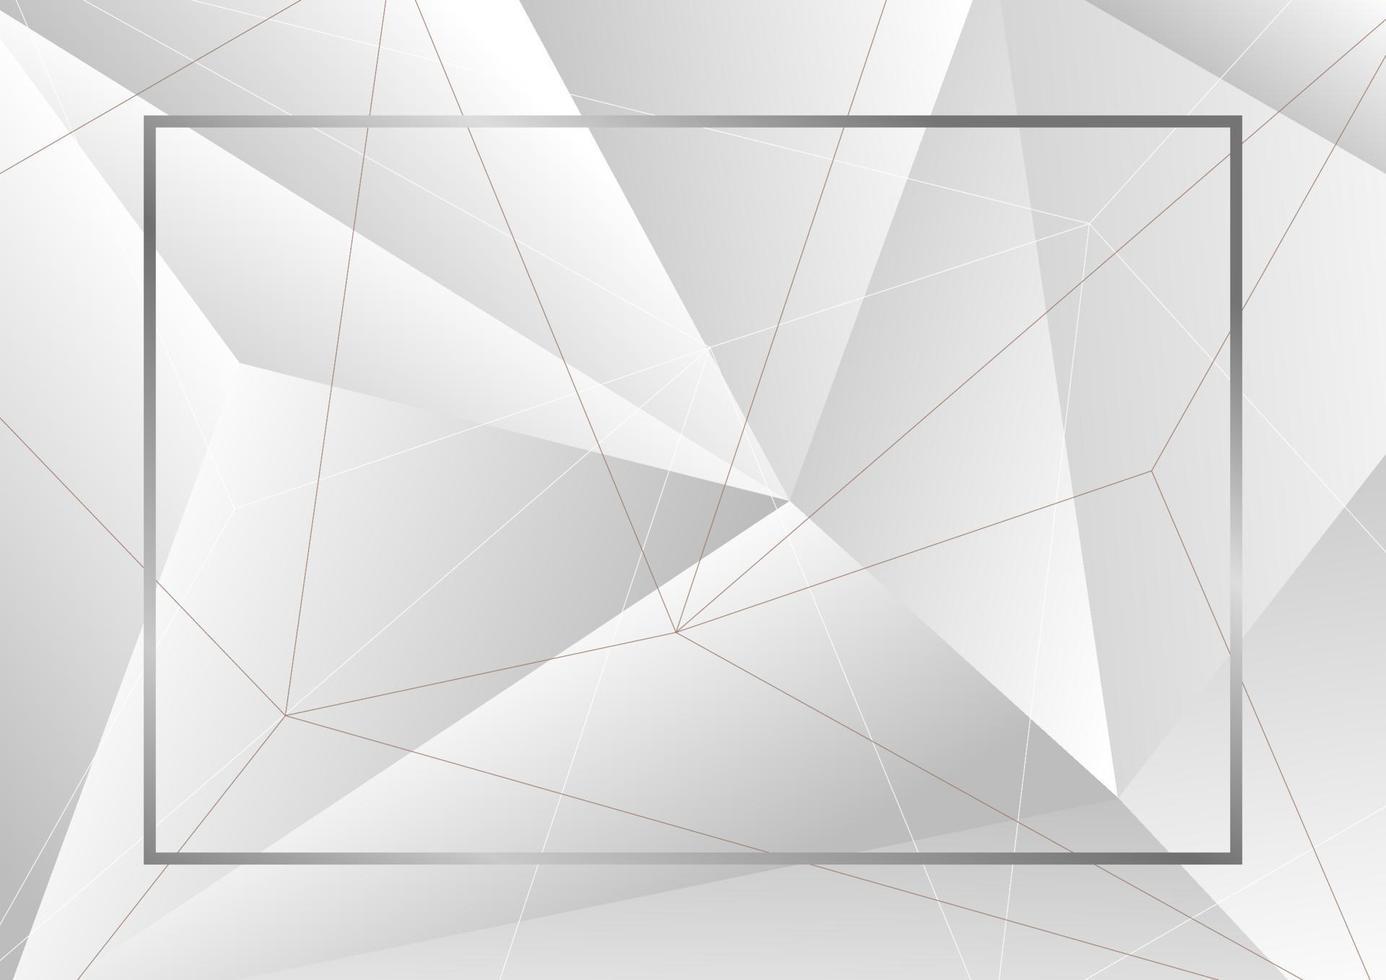 Fondo abstracto de ilustración vectorial geométrica vector